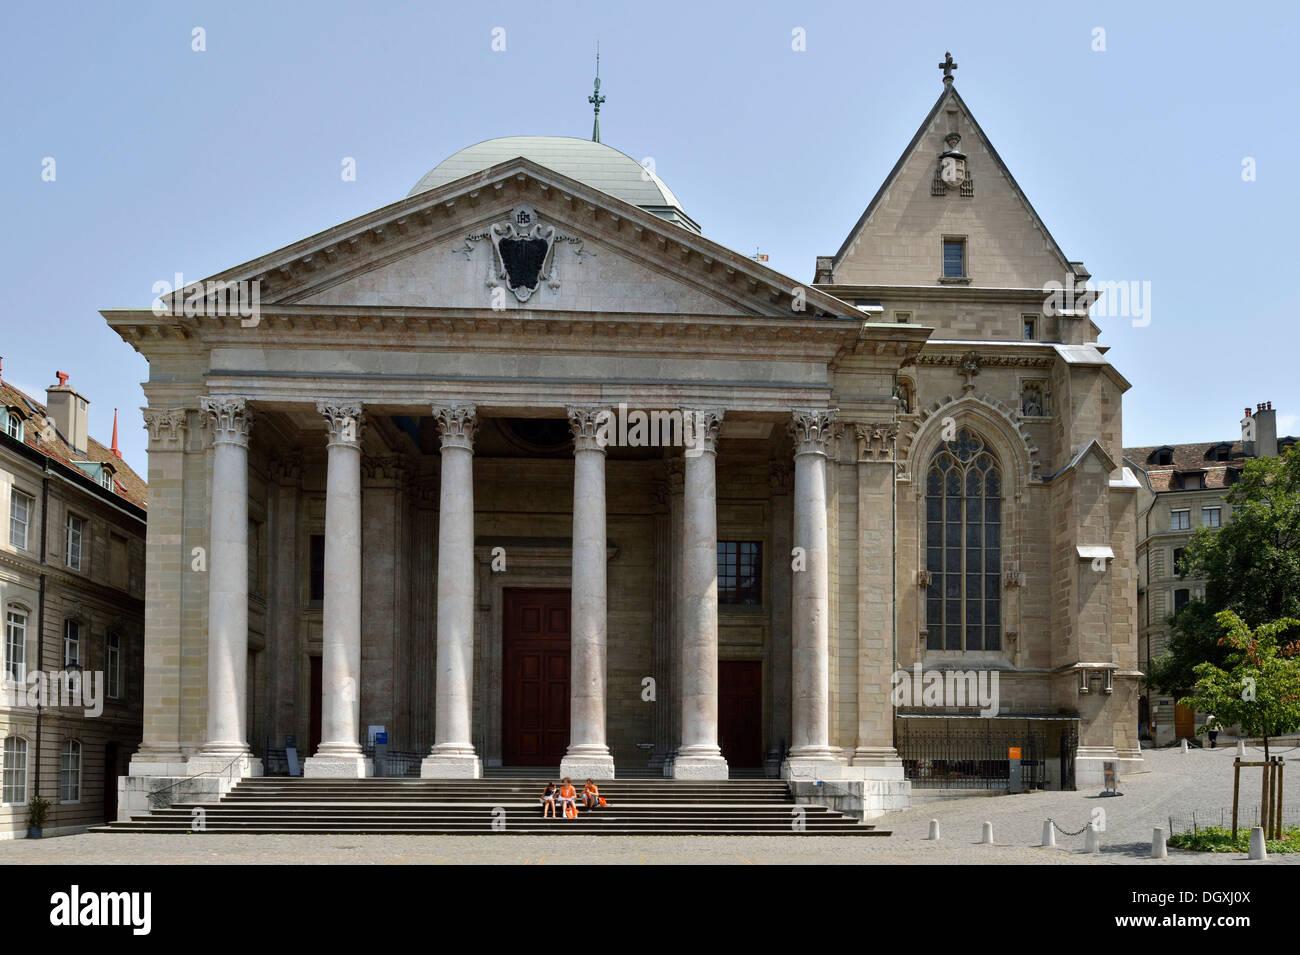 Cathédrale Saint-Pierre, la cathédrale St-Pierre, Genève, Suisse, Europe Photo Stock